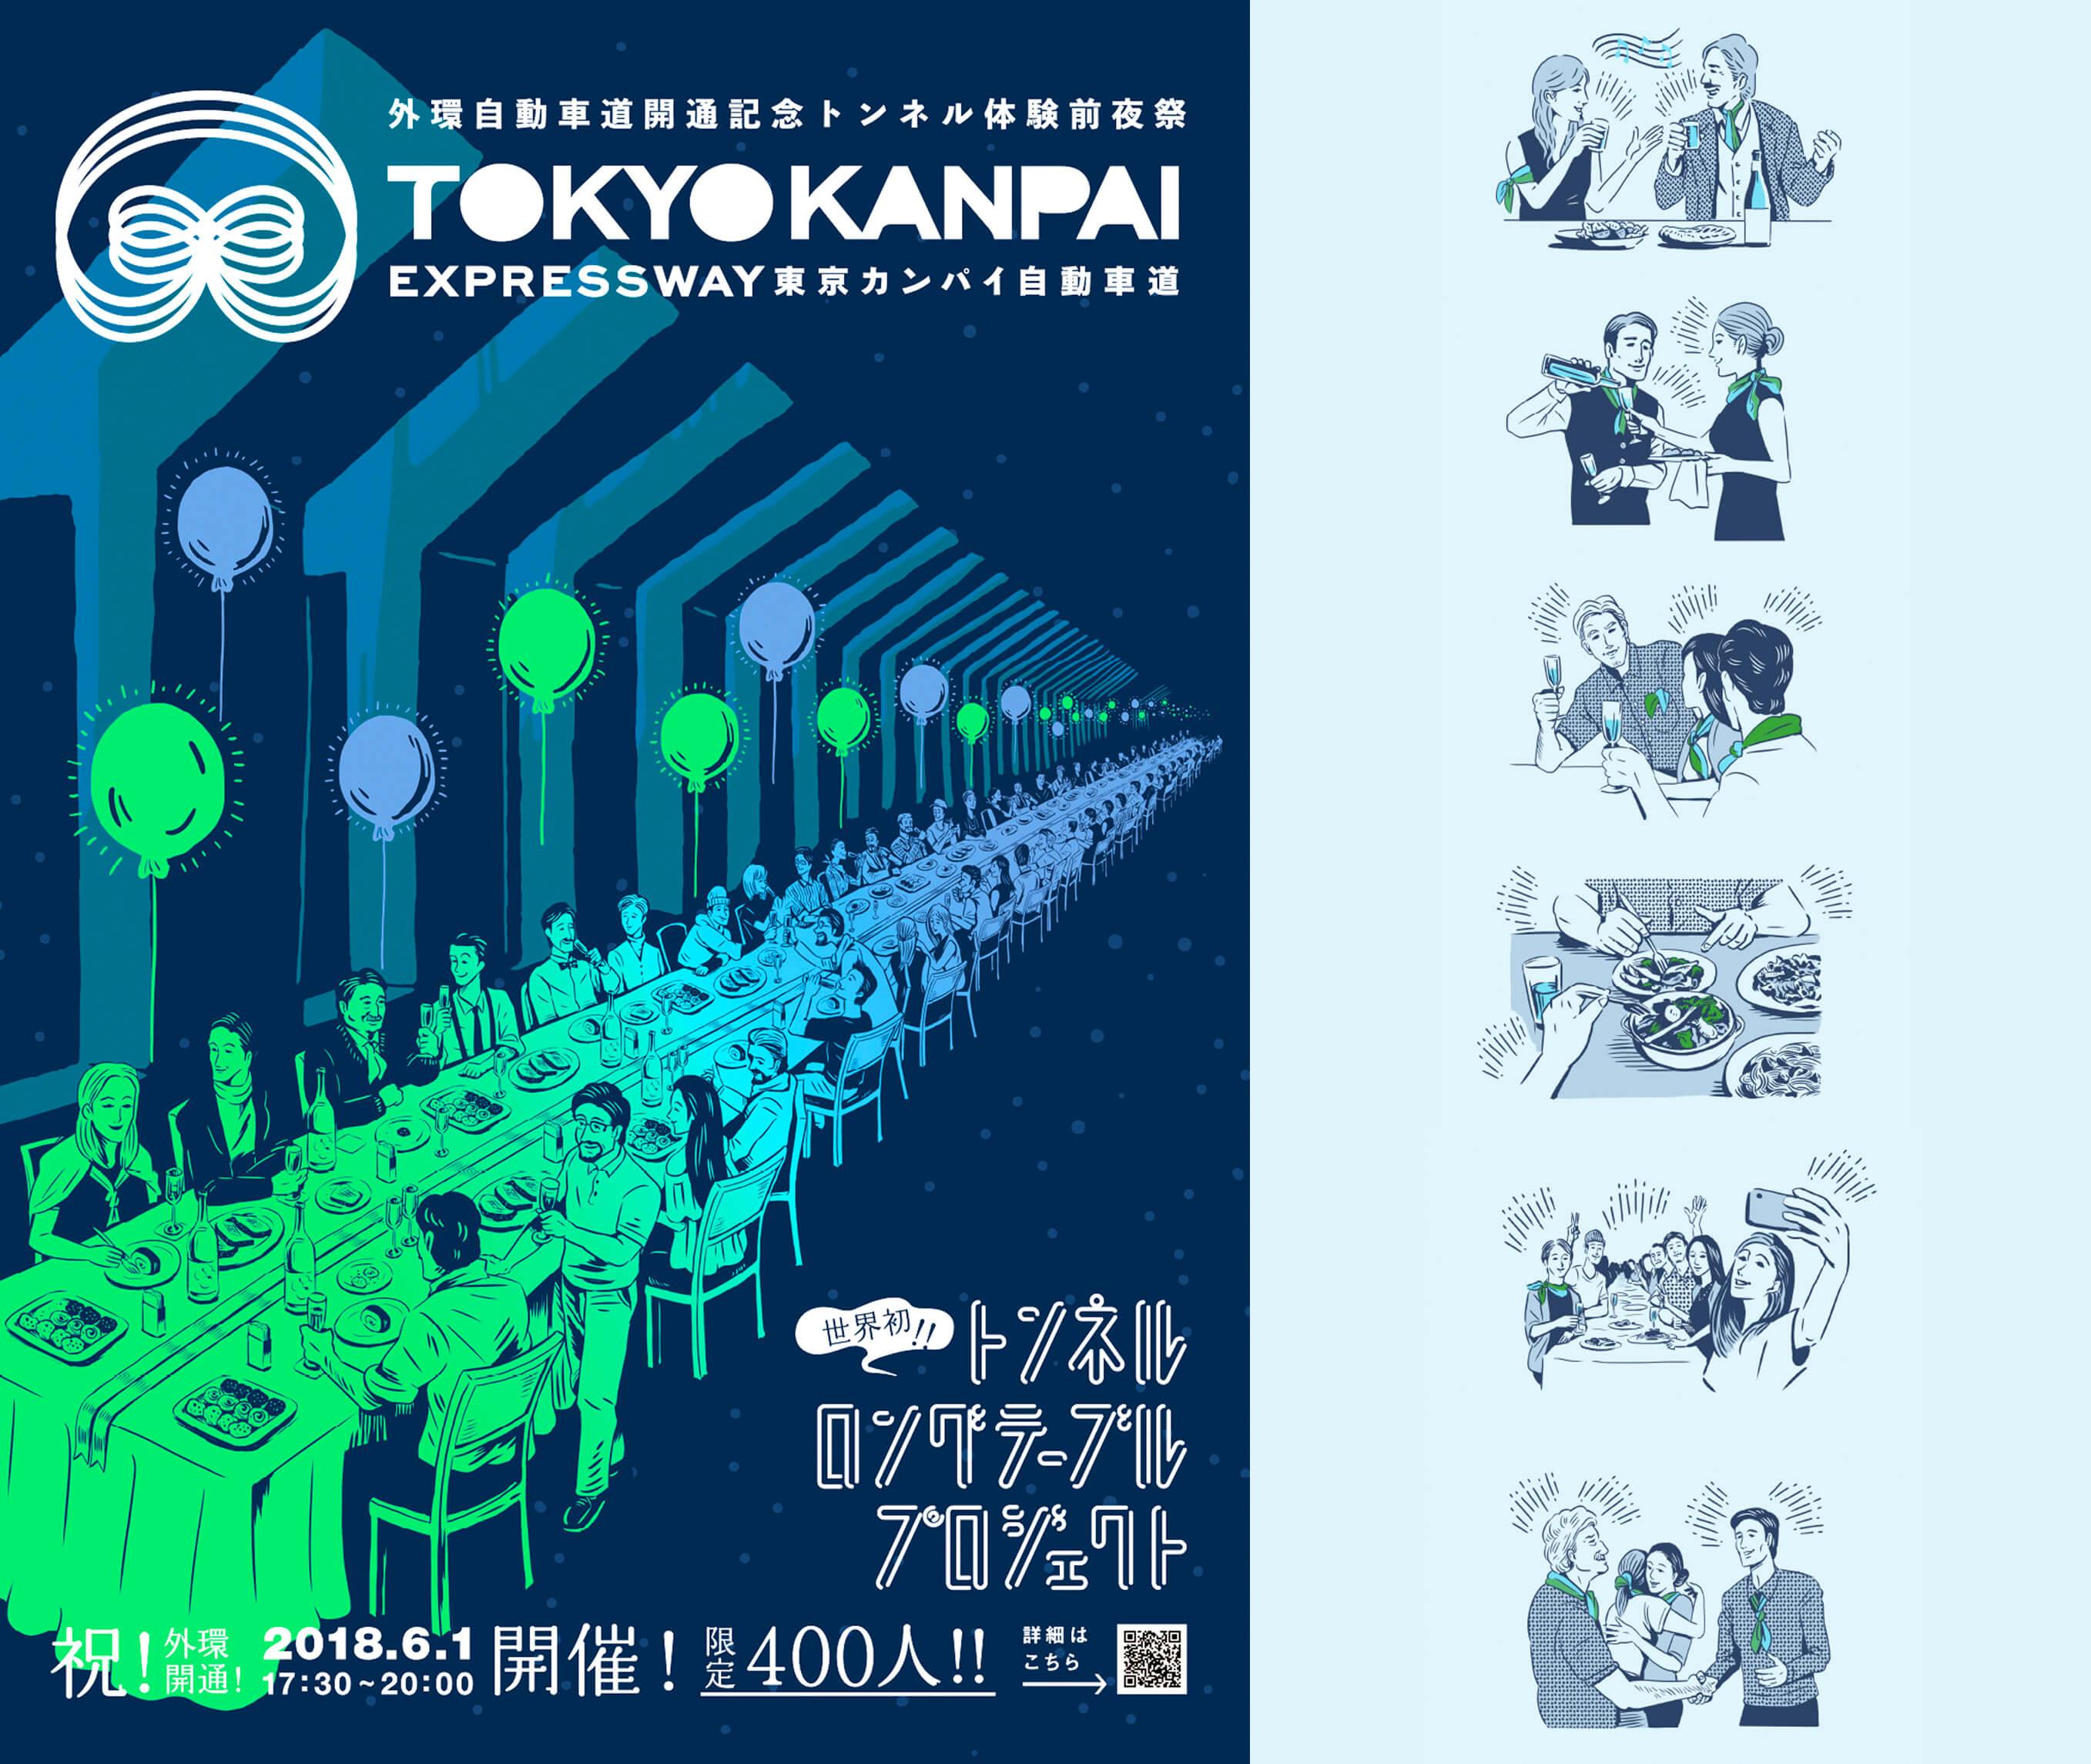 東京カンパイ自動車道